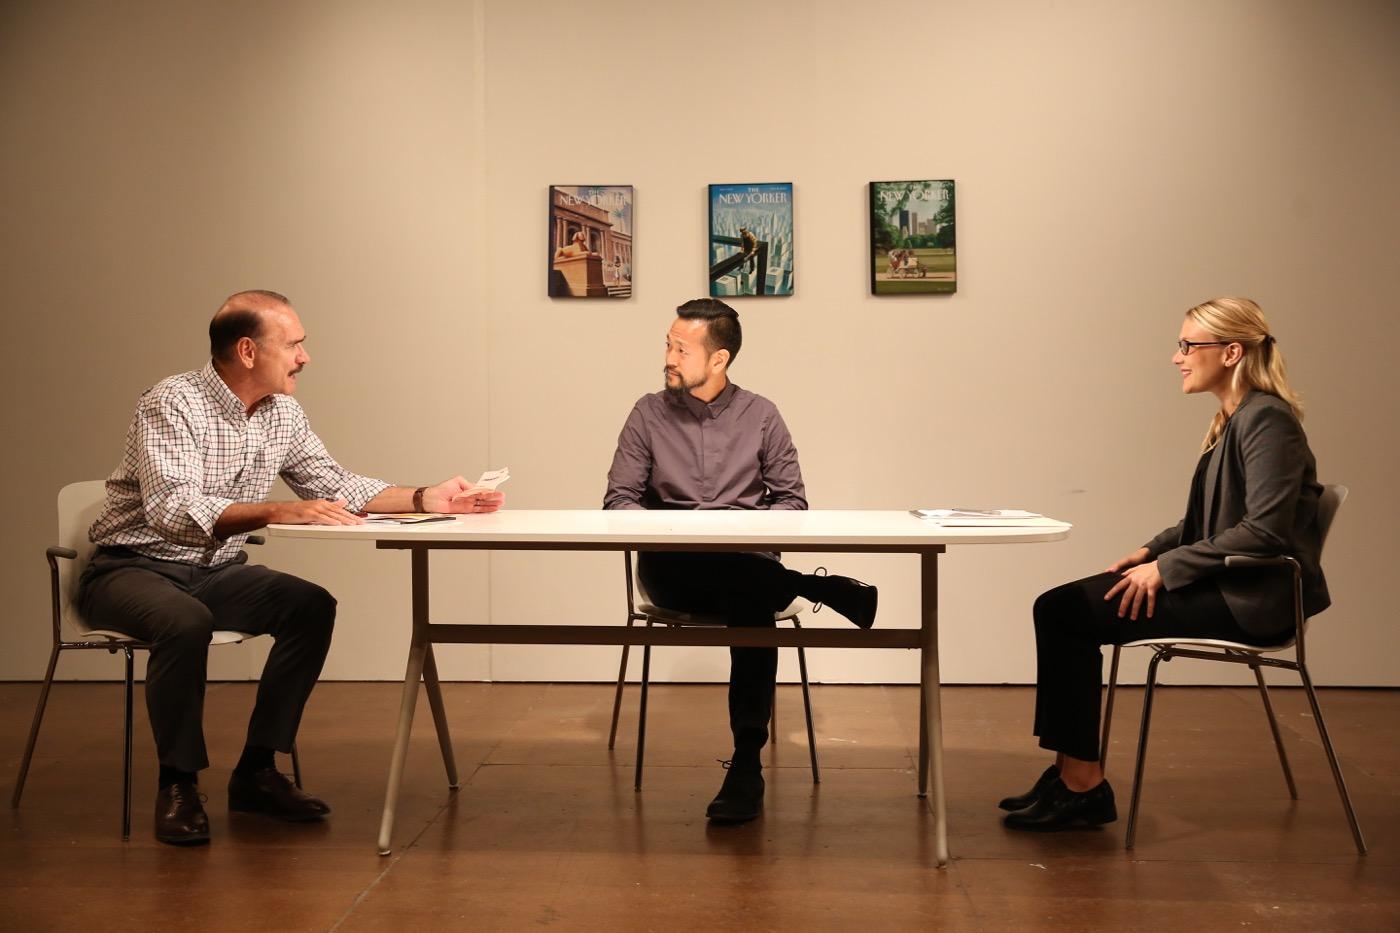 (L-R) actors Murphy Guyer, Louis Ozawa Changchien, Leslie Fray